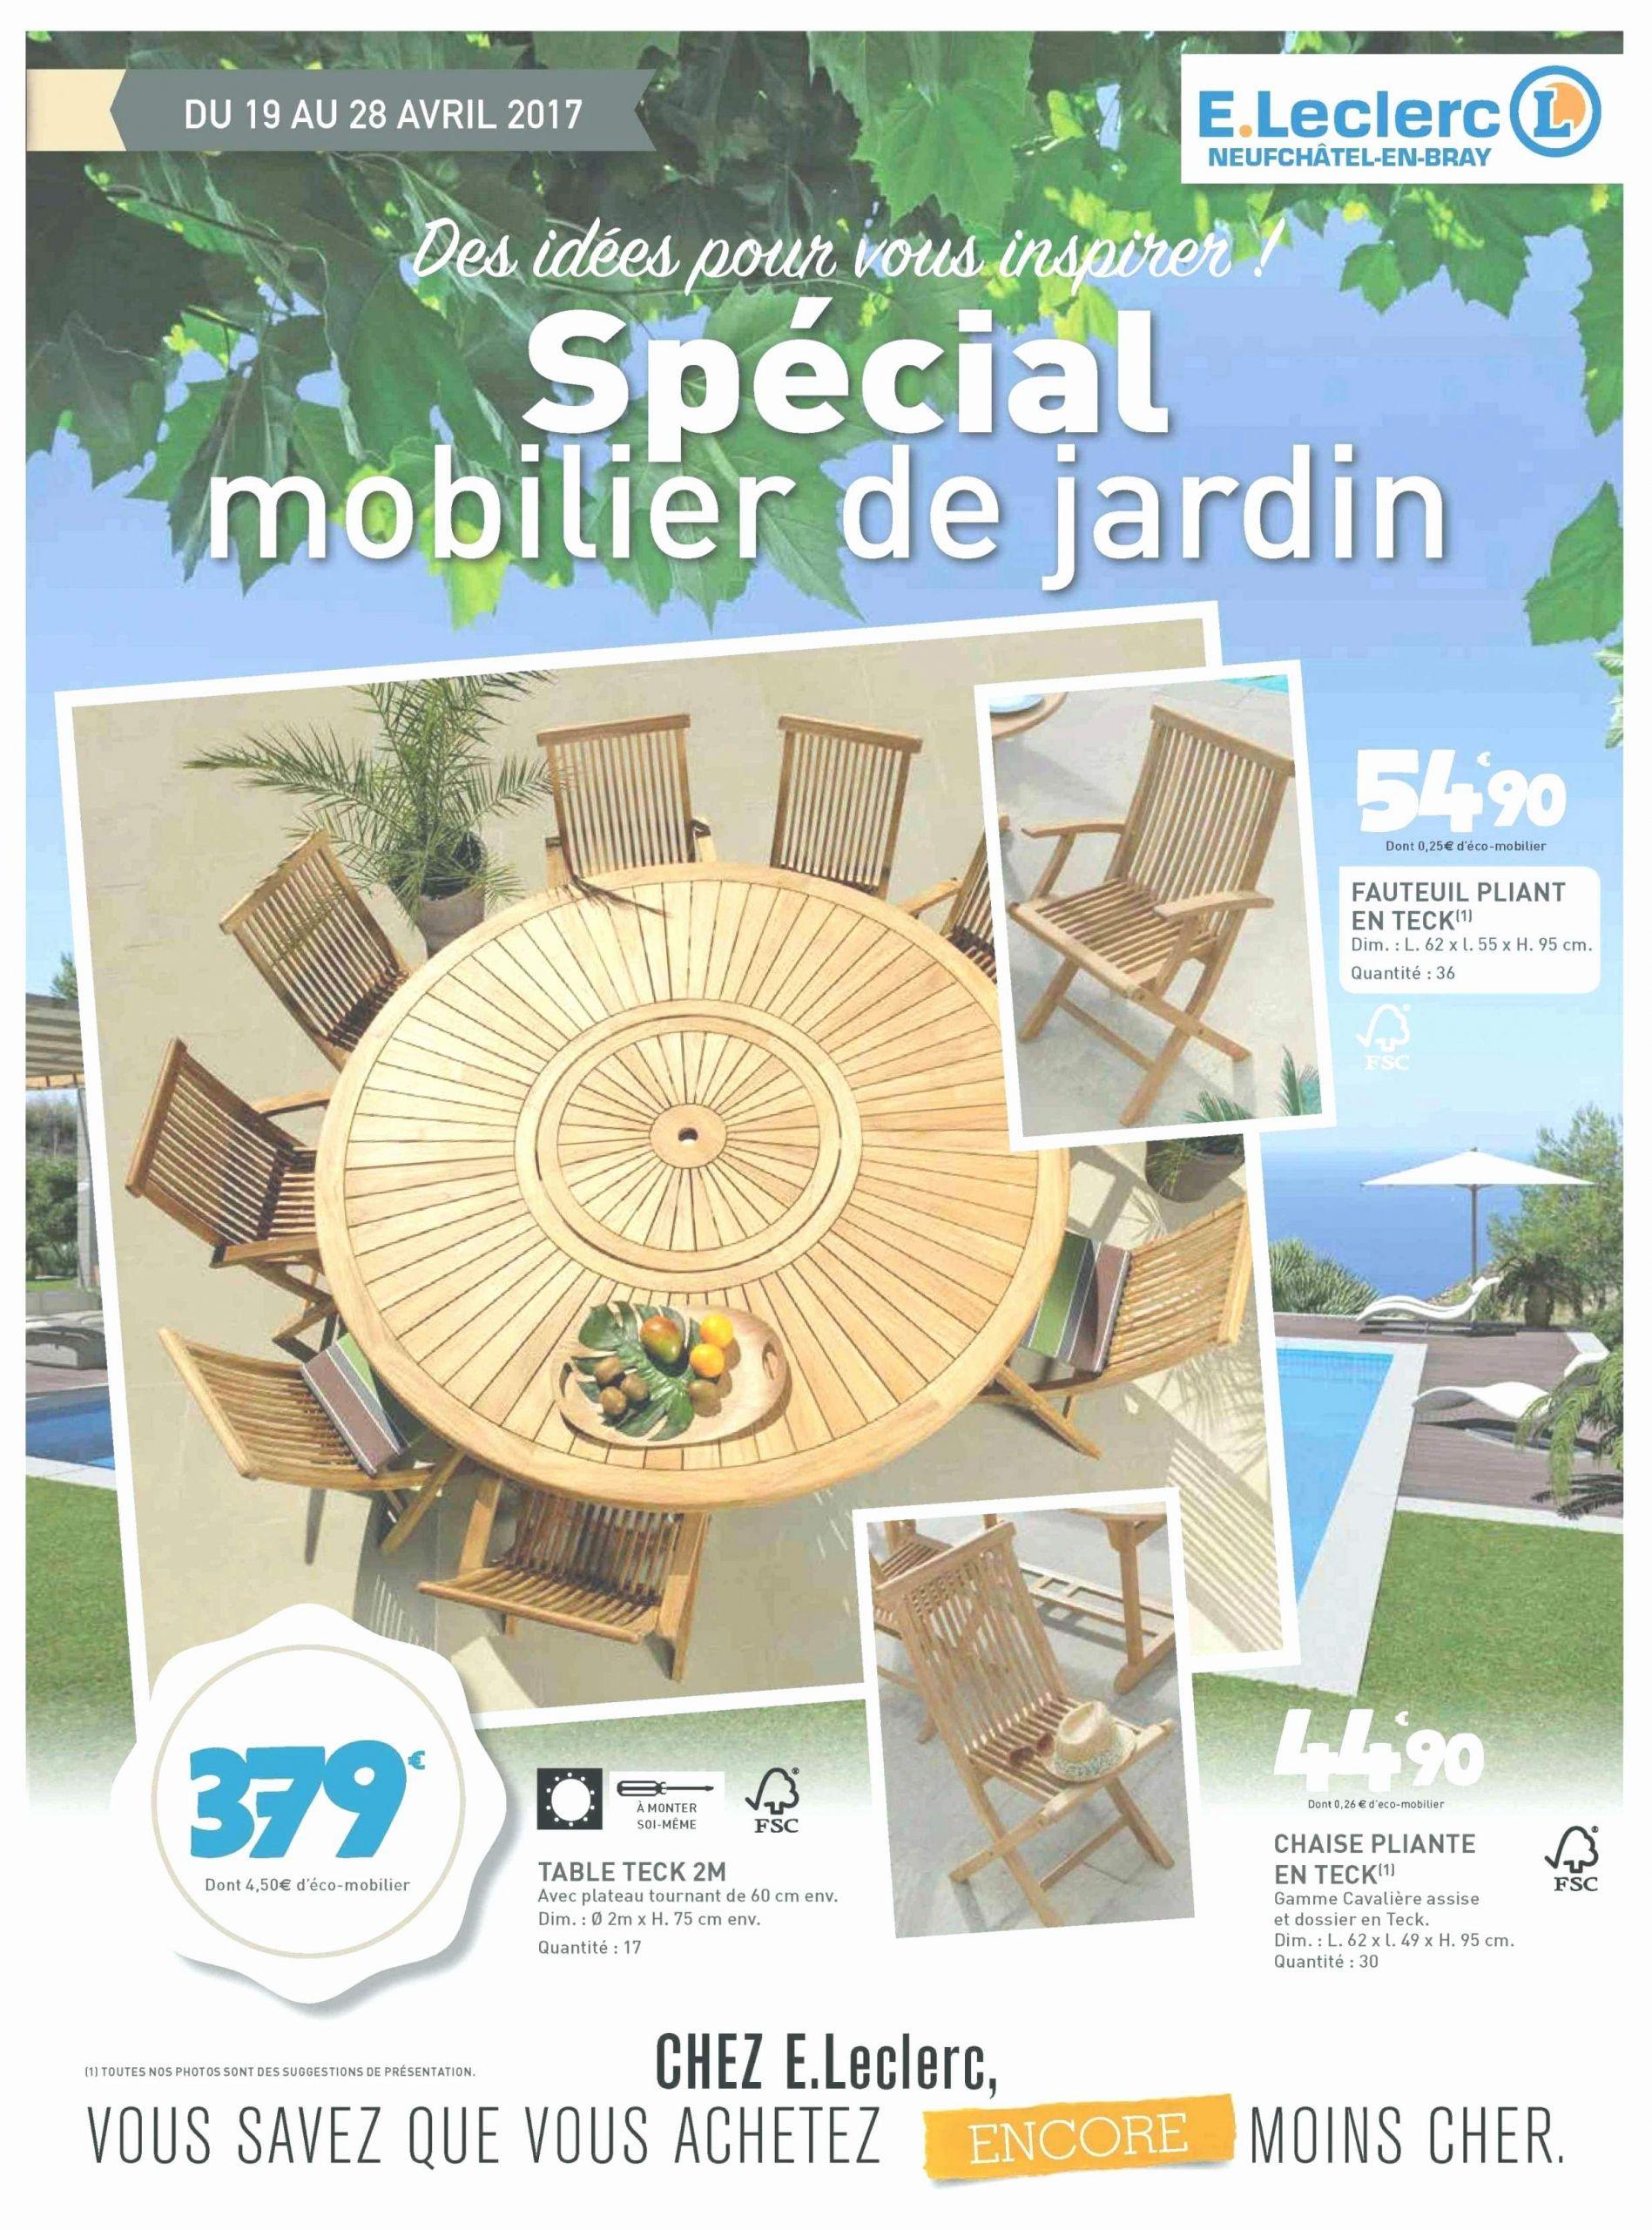 construire un abri de jardin en bois soi meme 37 das beste von abri de jardin fait maison reizend of construire un abri de jardin en bois soi meme 1